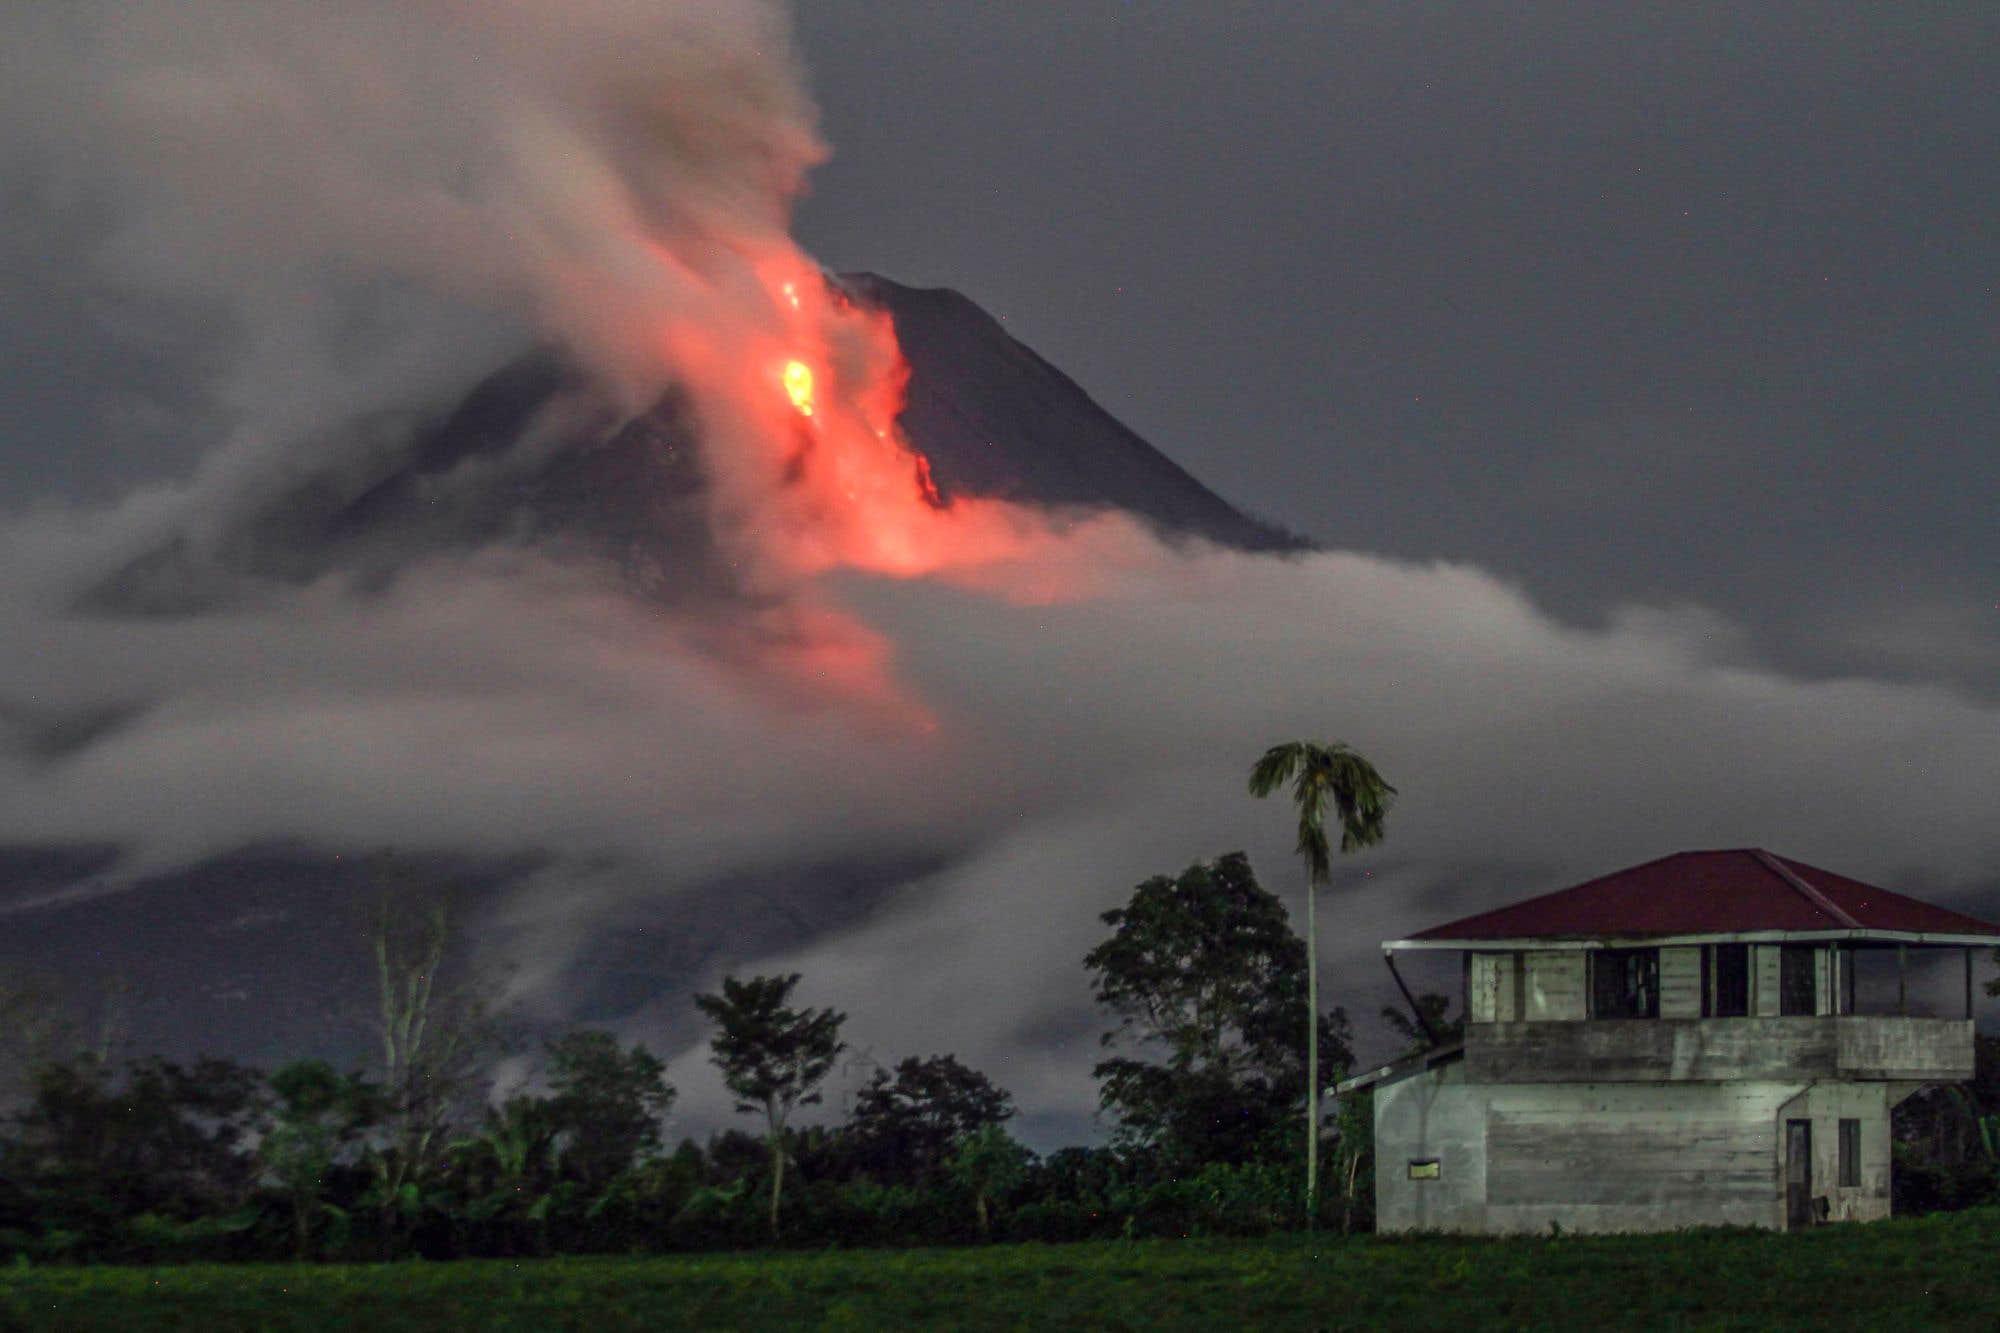 Une photo en pose longue montre l'éruption du volcan du mont Sinabung, depuis le village de Simpang Ampat, à Karo, au nord de Sumatra.